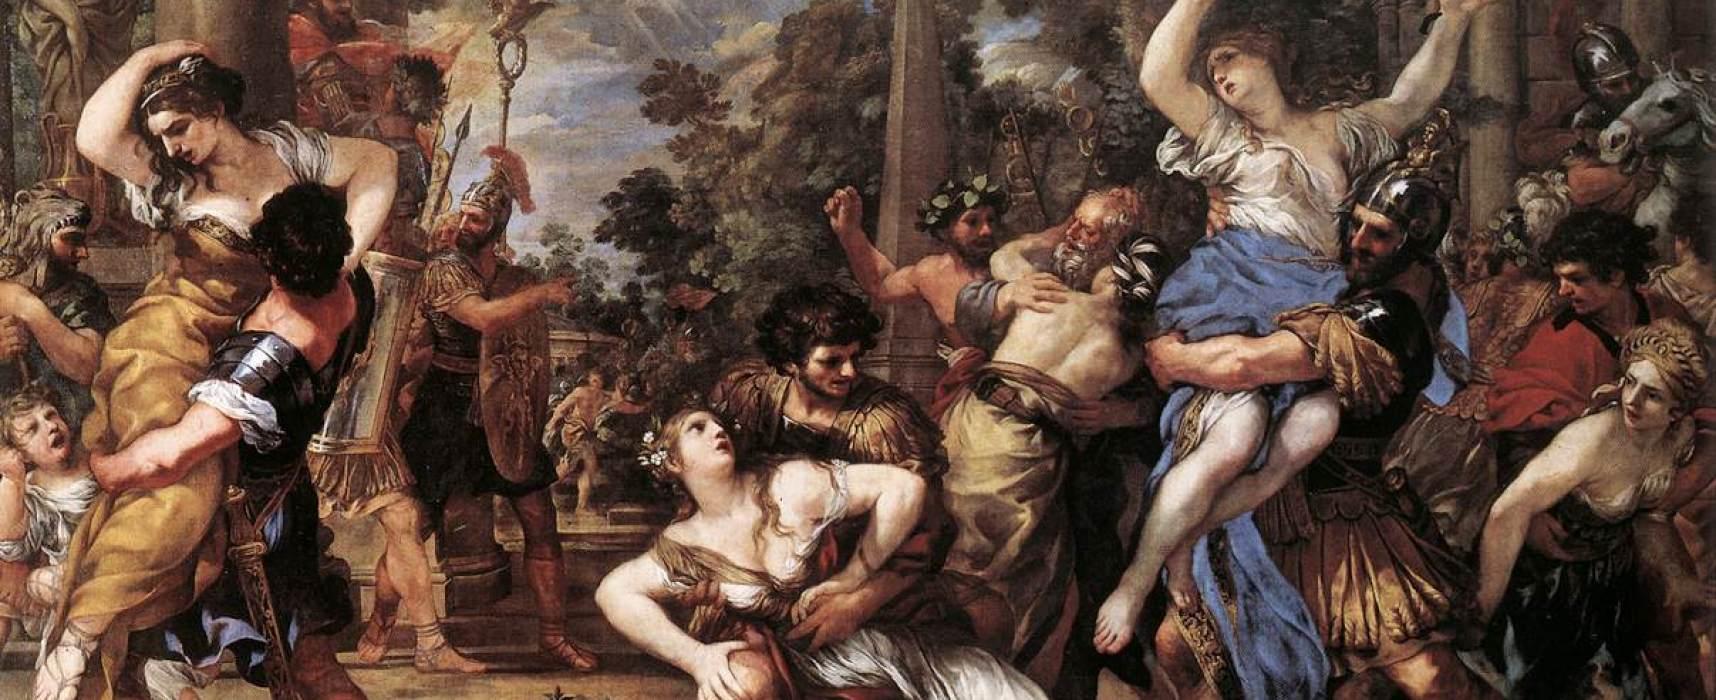 Nell'Antica Roma, 21 Agosto, Feste di Consualia, in onore del Dio Conso,